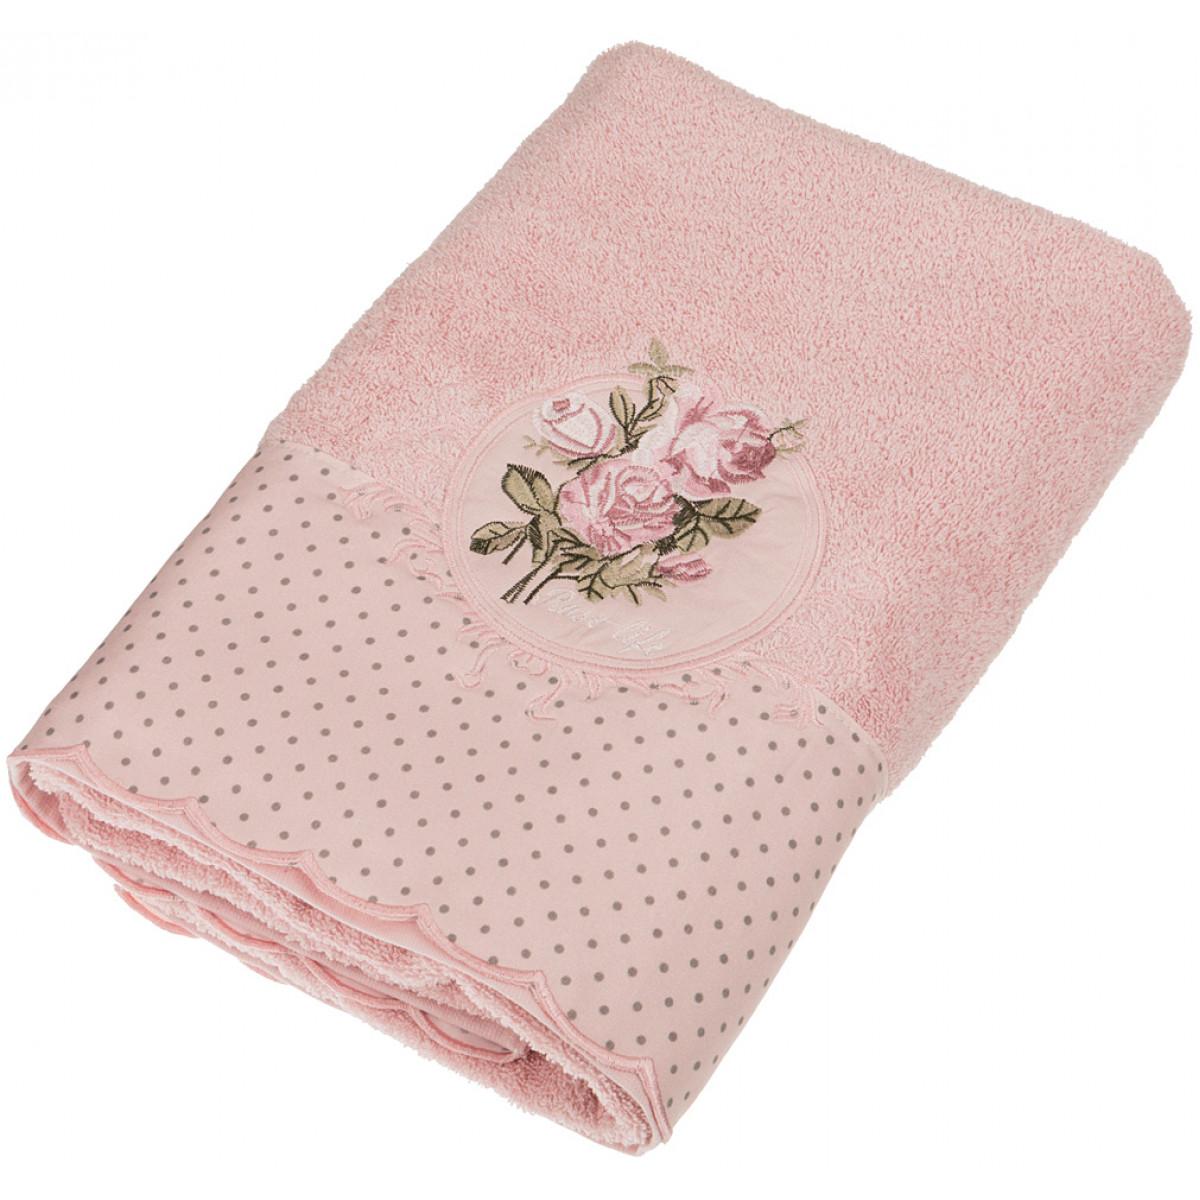 Полотенца Santalino Полотенце Abimelech  (50х90 см) полотенце денастия полотенце денастия 50х90 см хлопок